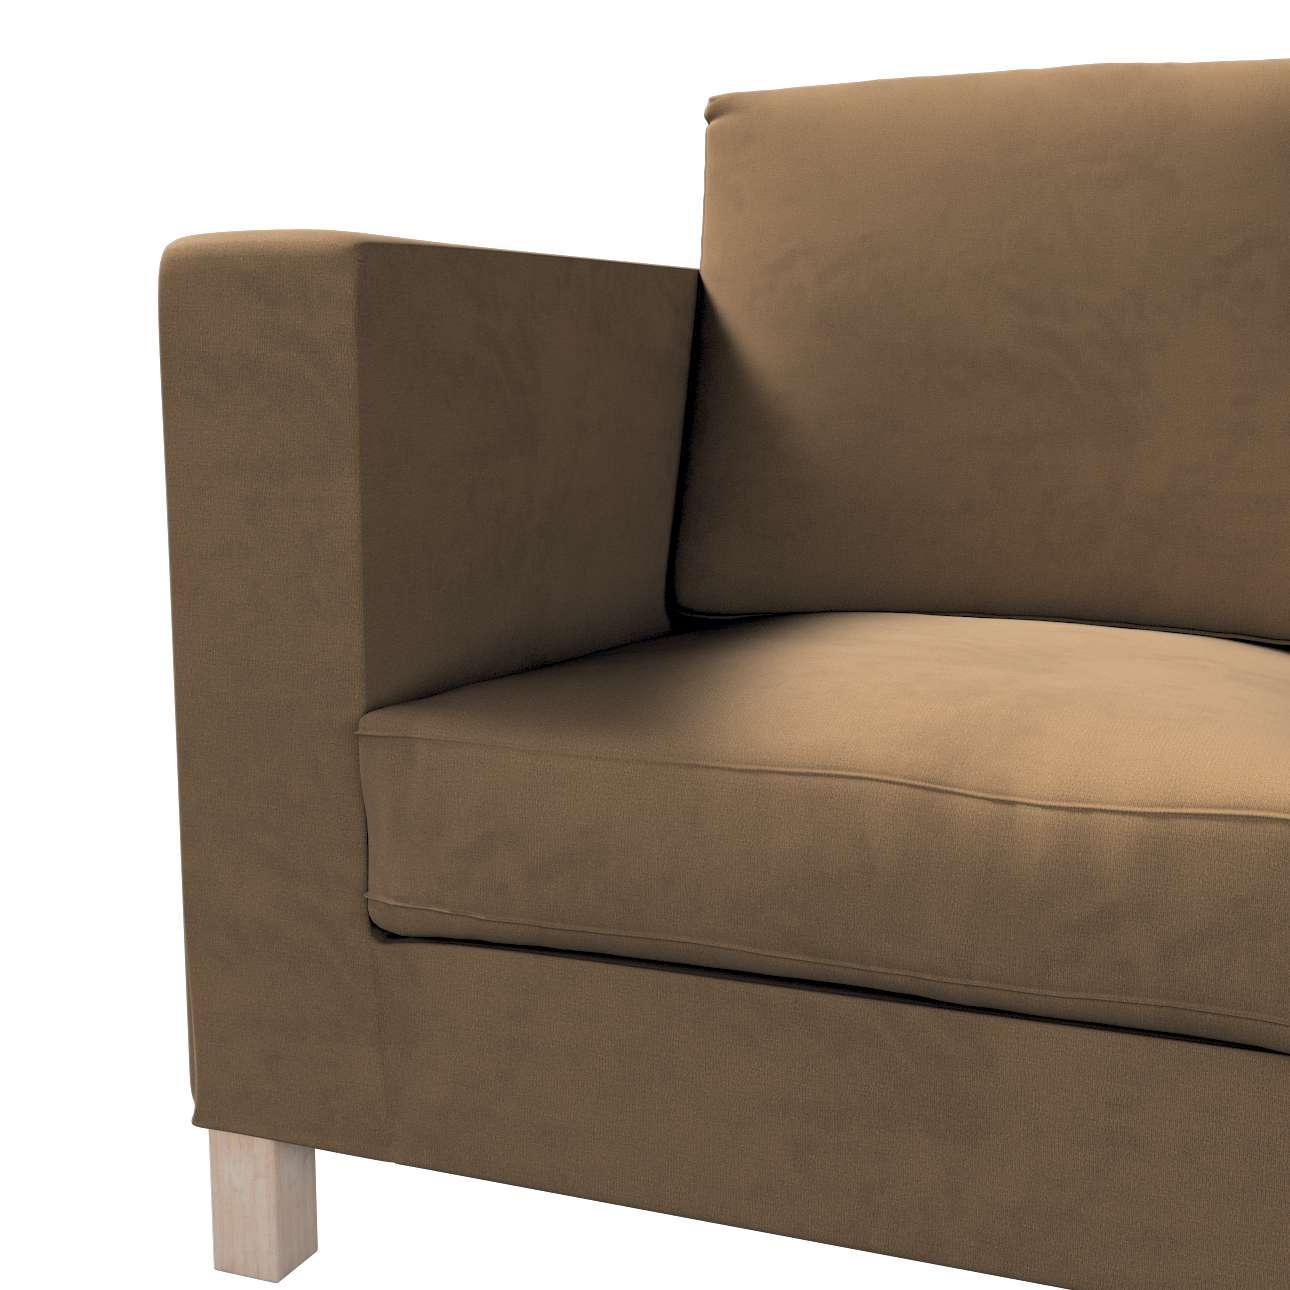 Potah na pohovku IKEA  Karlanda 3-místná nerozkládací, krátký v kolekci Living II, látka: 160-94